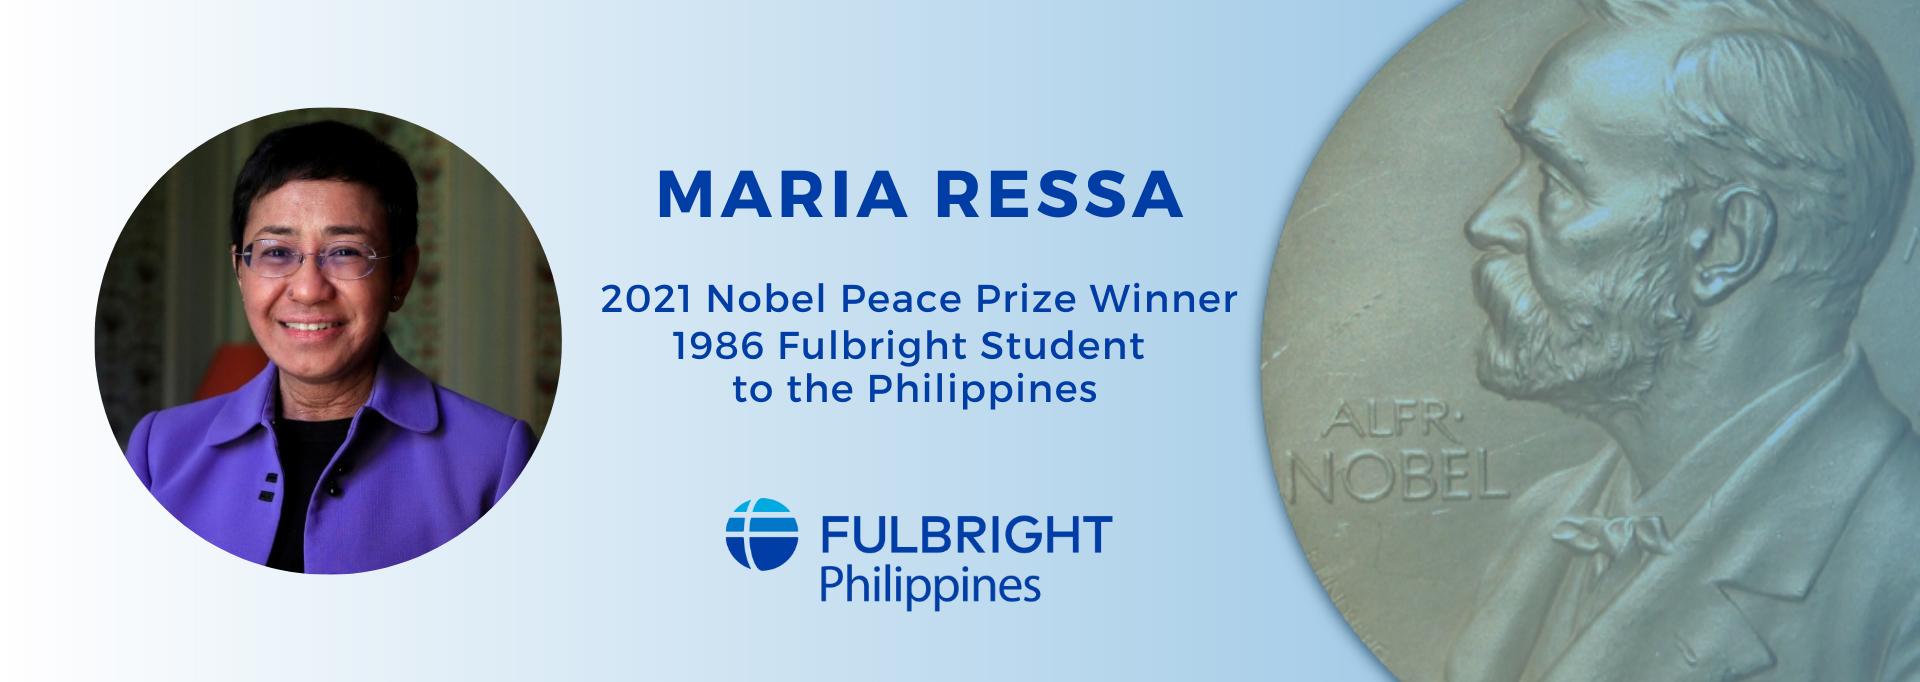 2021-Nobel-Peace-Price-Maria-Ressa